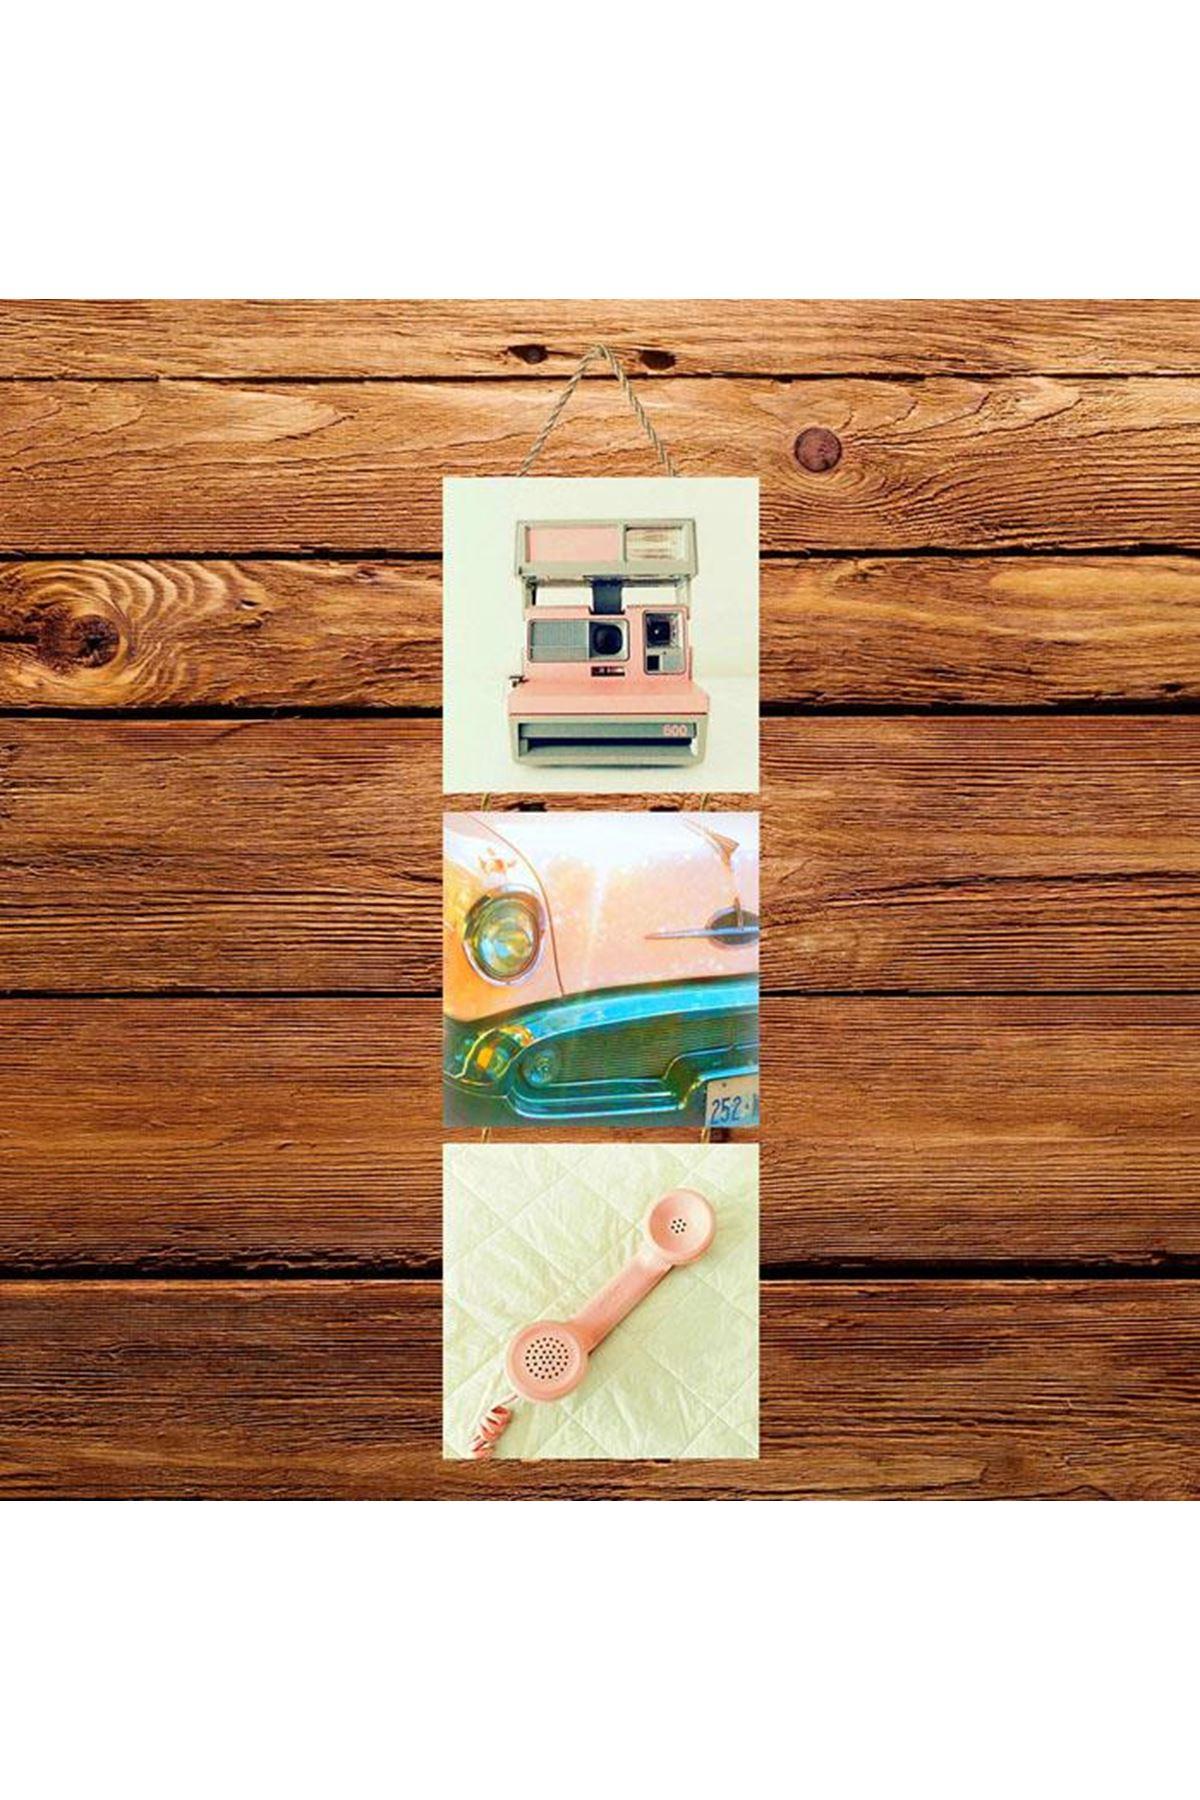 Pembe Araba Telefon Fotoğraf Makinesi -  3'lü Kabartmasız Poster